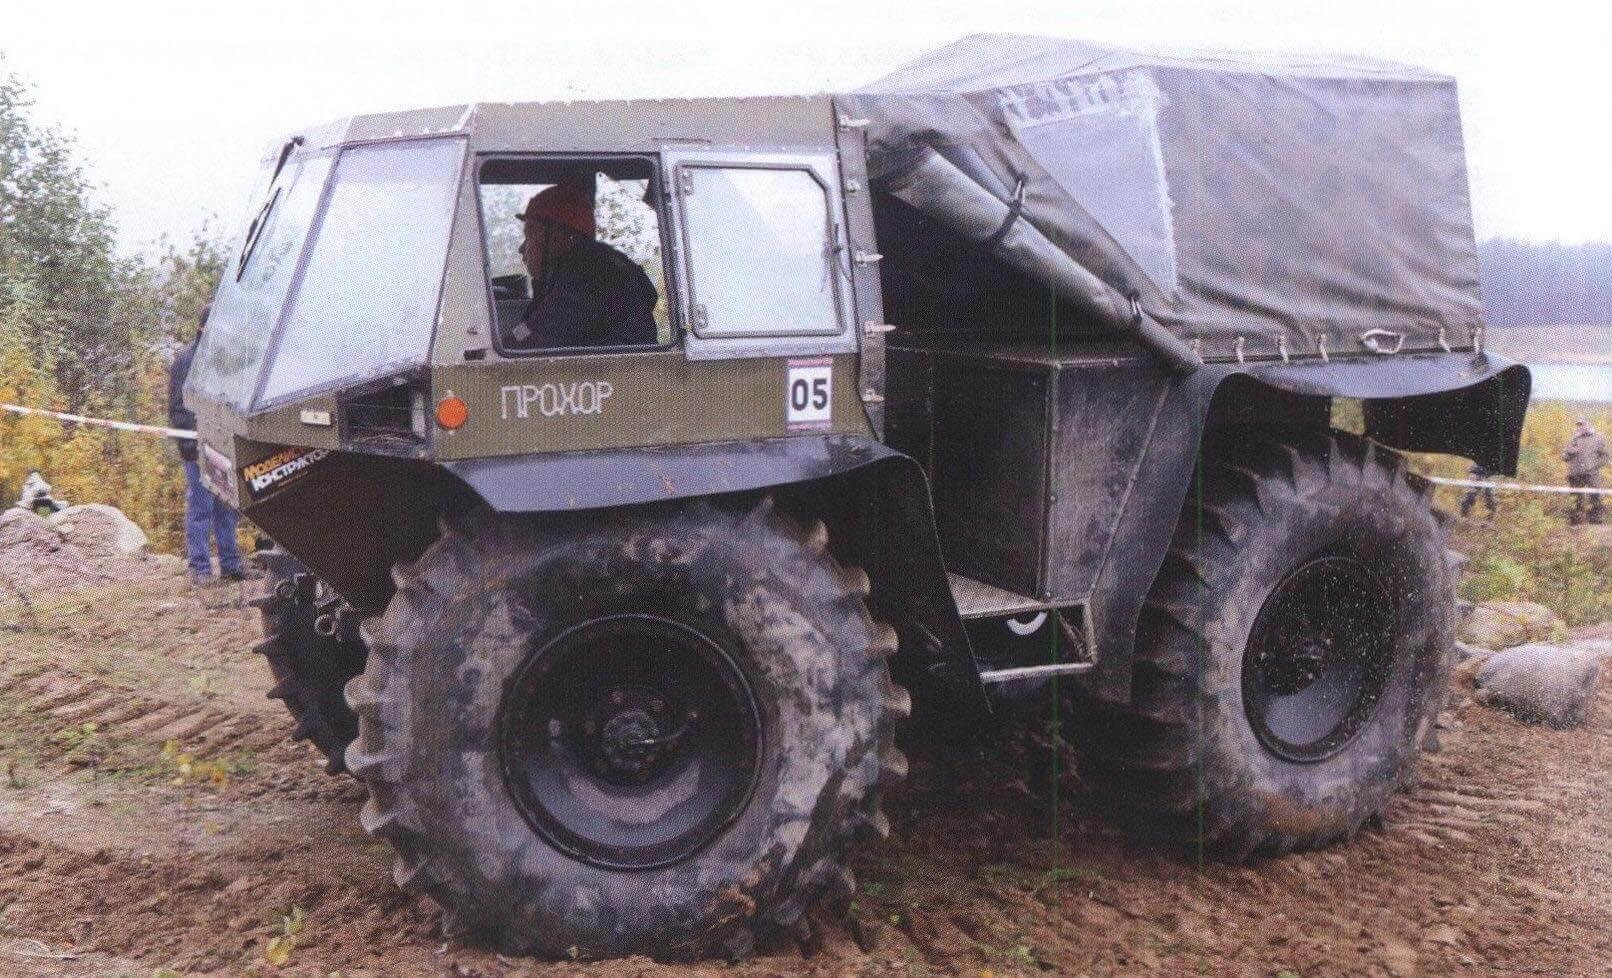 Тяжелый вездеход «Прохор» оборудован системой централизованной подкачки колес выхлопными газами